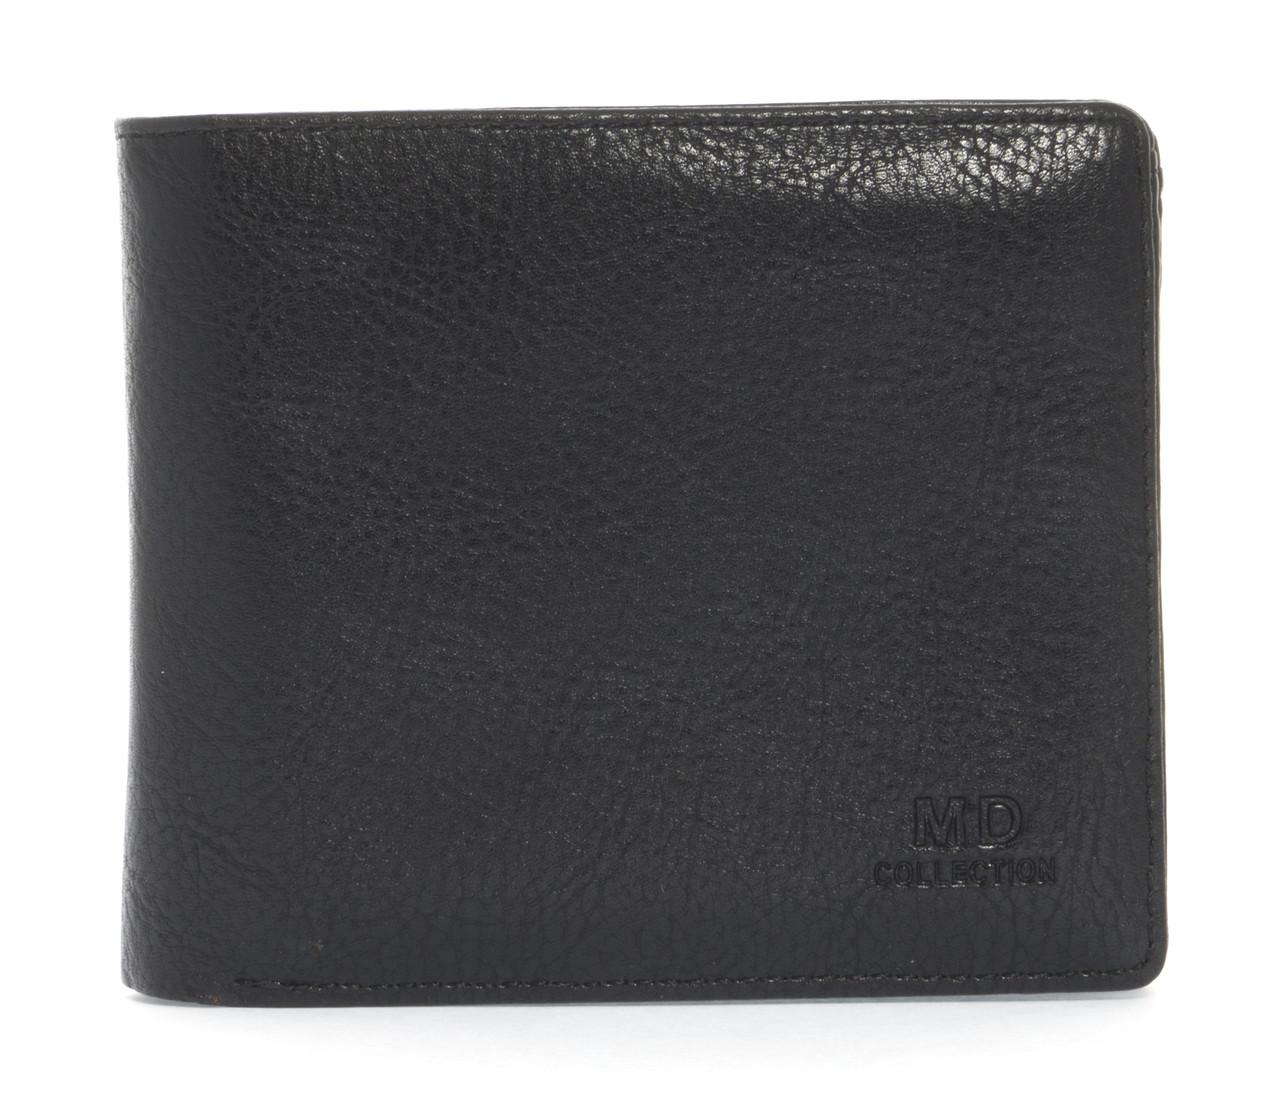 Удобный мужской кошелек из натуральной качественной кожи MD collection art. NB-8804 черный